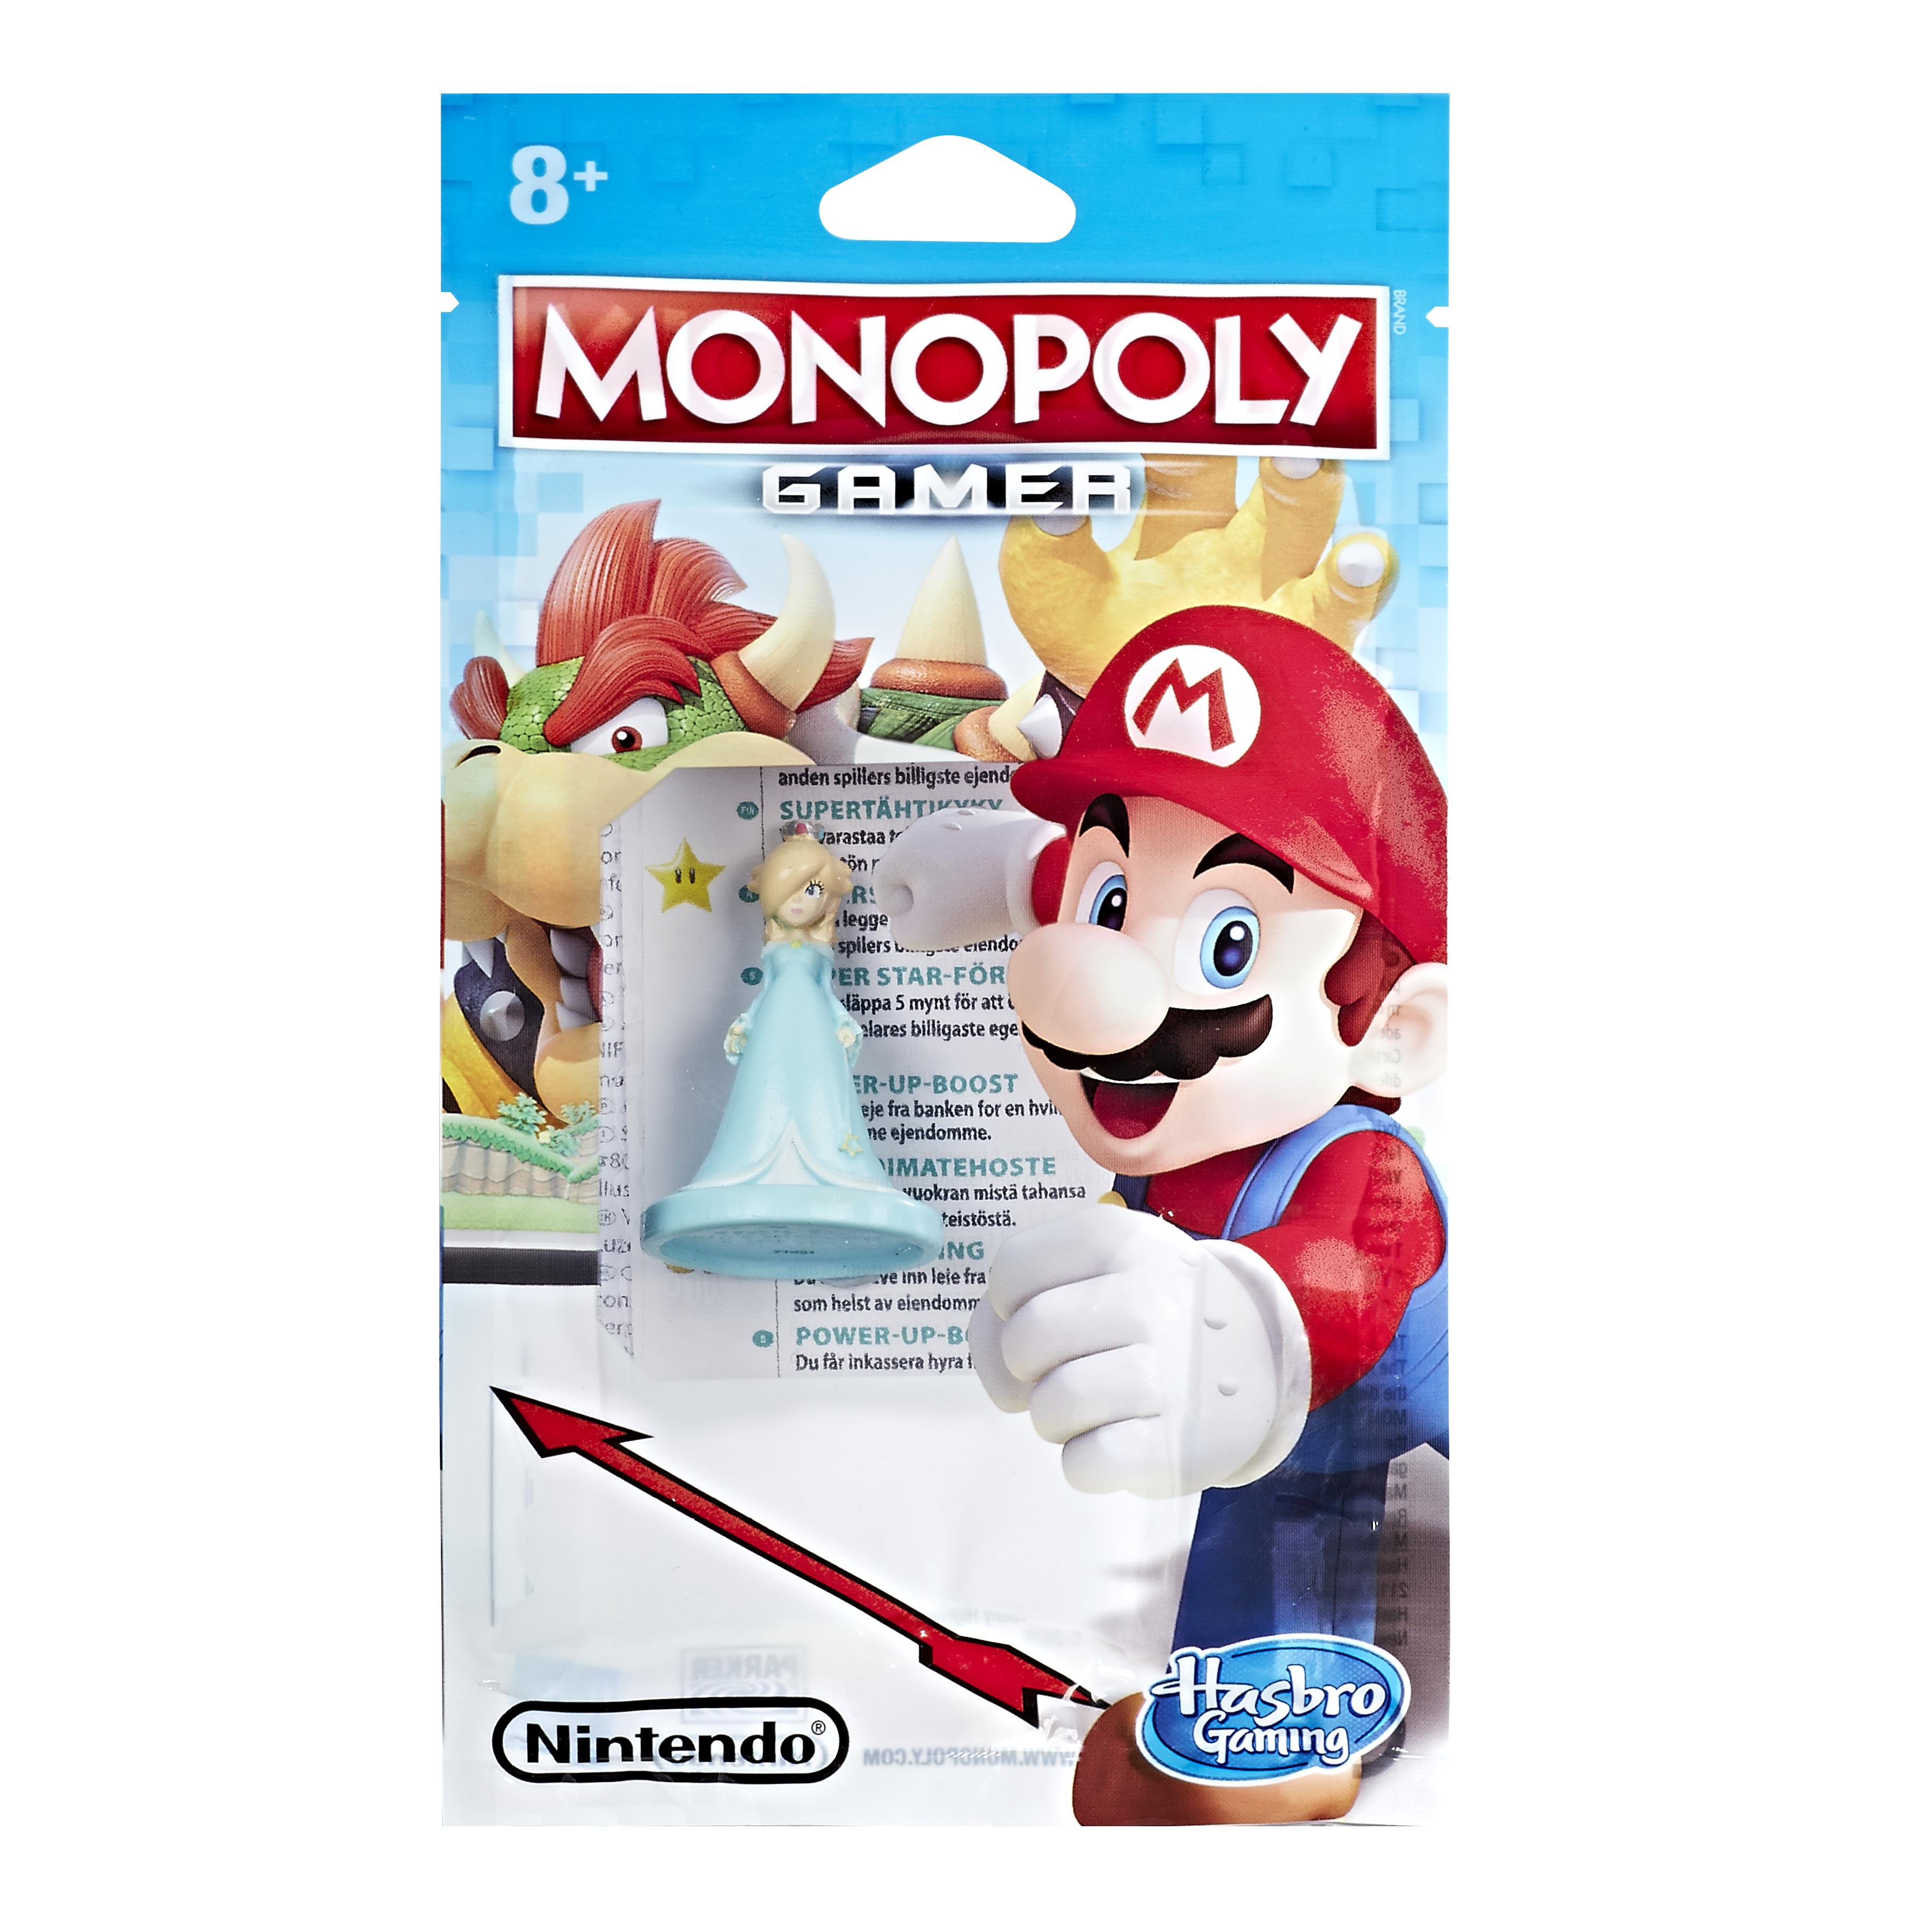 Развлекательные игры MONOPOLY Monopoly Геймер Дополнительные герои - Настольные игры